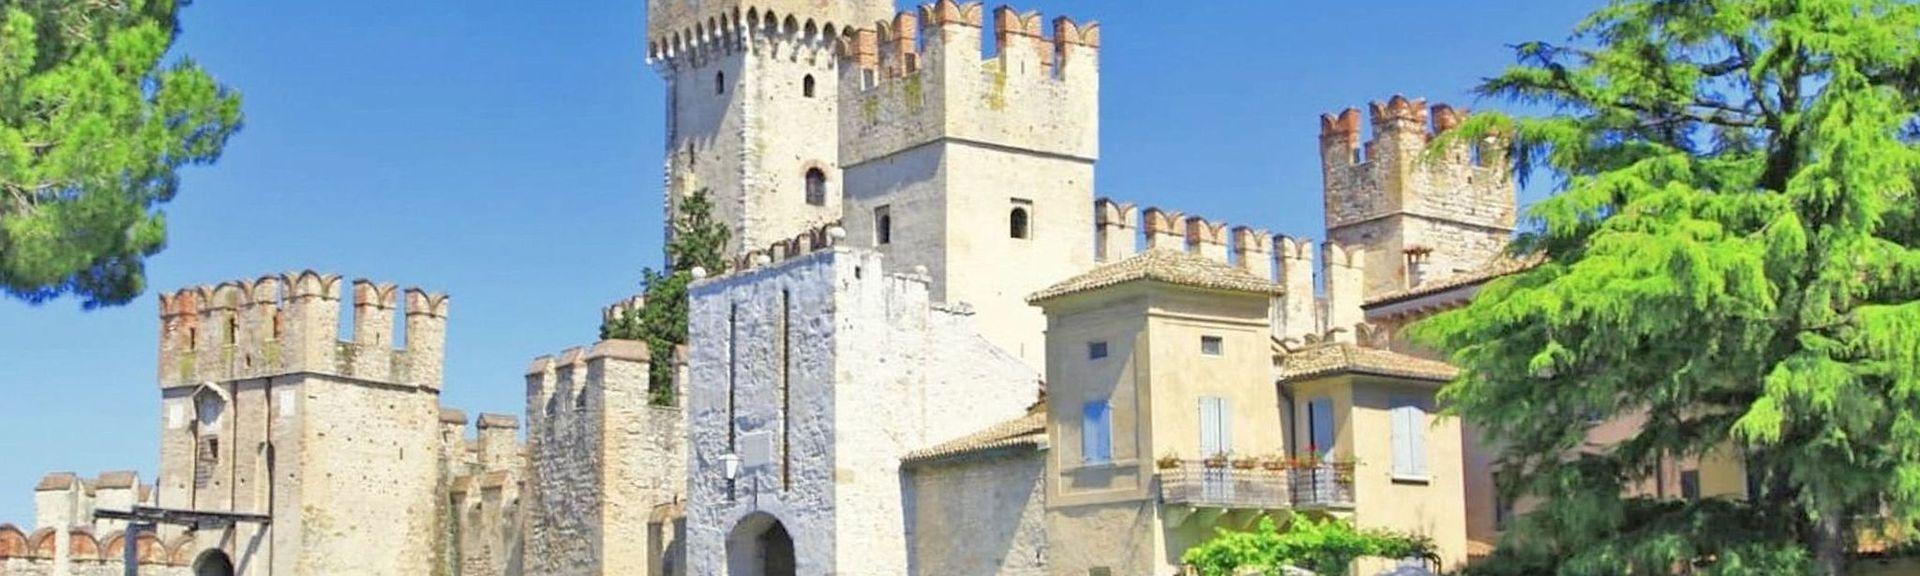 Brescia, Lombardiet, Italien